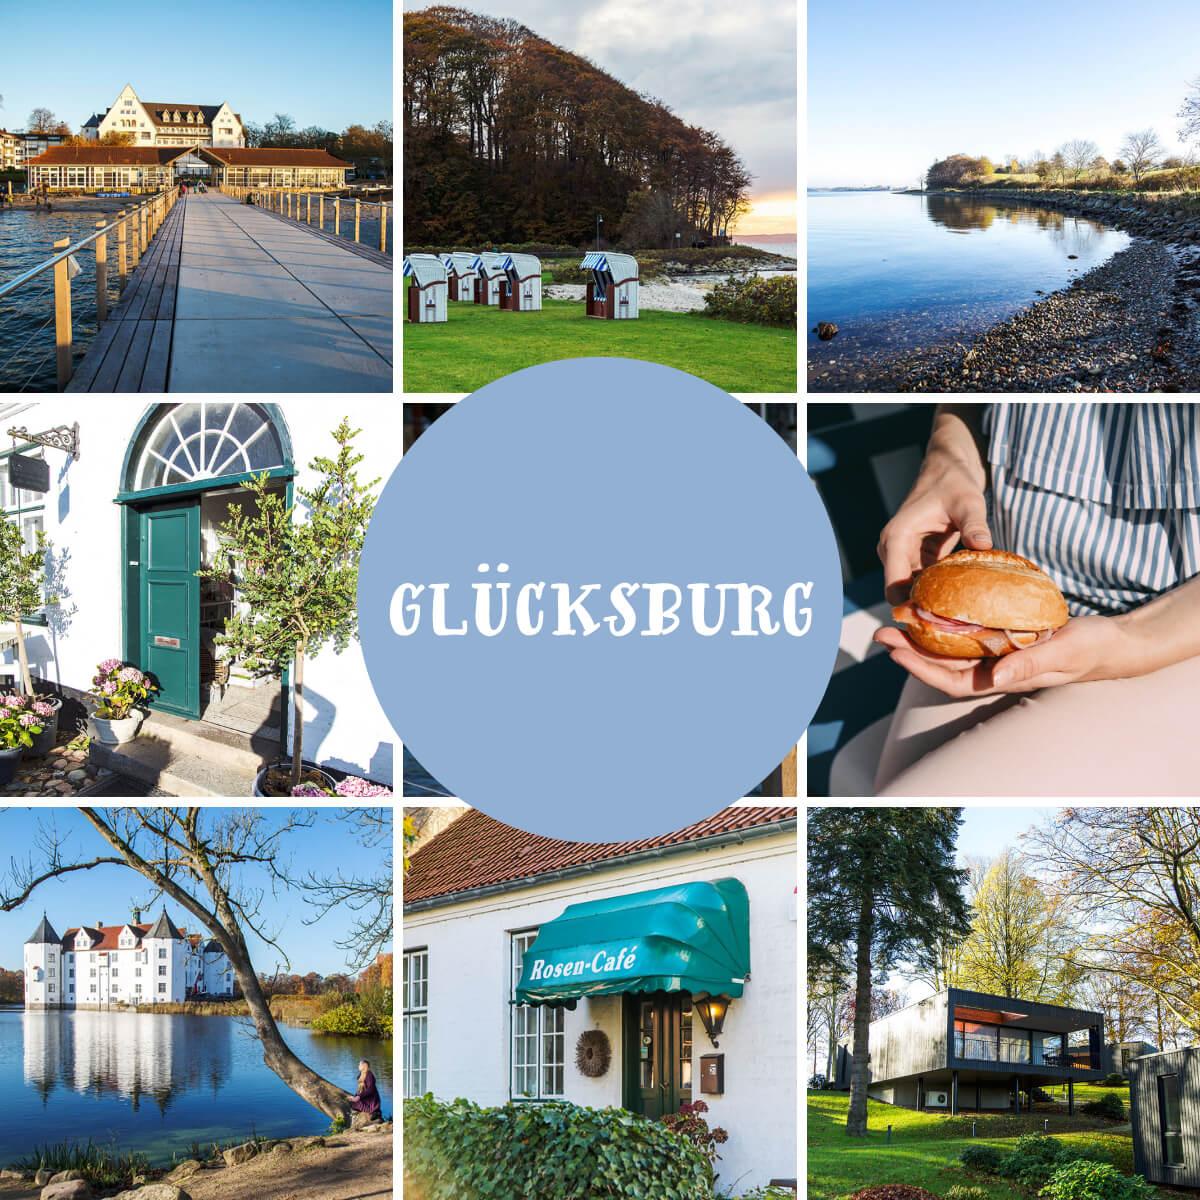 8 Urlaubsorte an der Ostseeküste: Glücksburg Tipps Ausflug